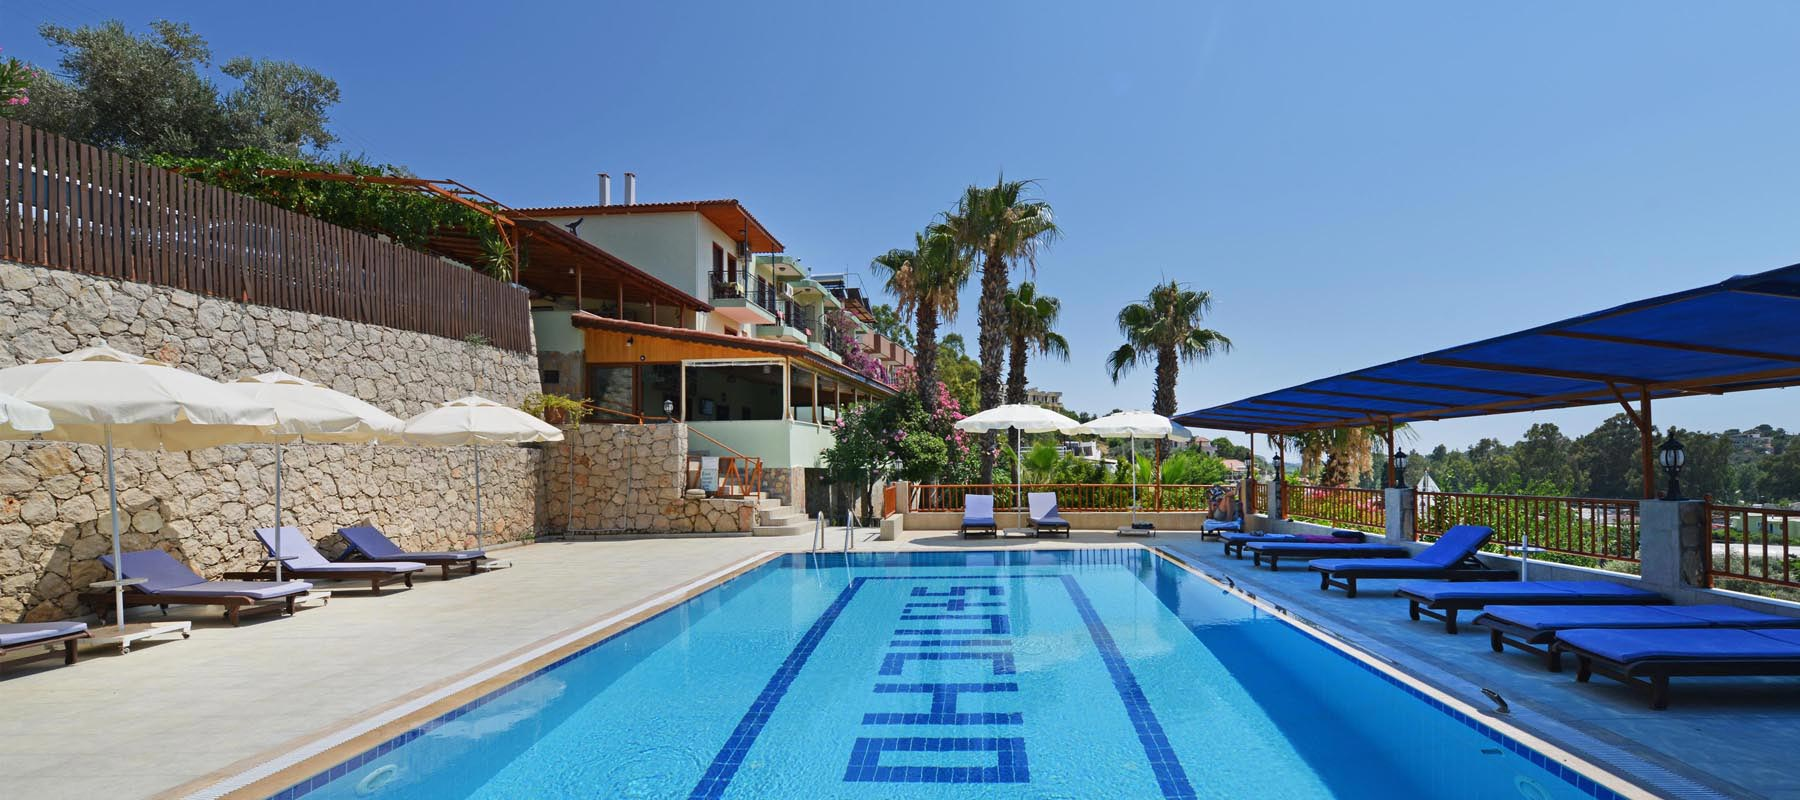 Patara delfin hotel zimmer mit aussicht strand von patara for Boutique hotel xanthos patara